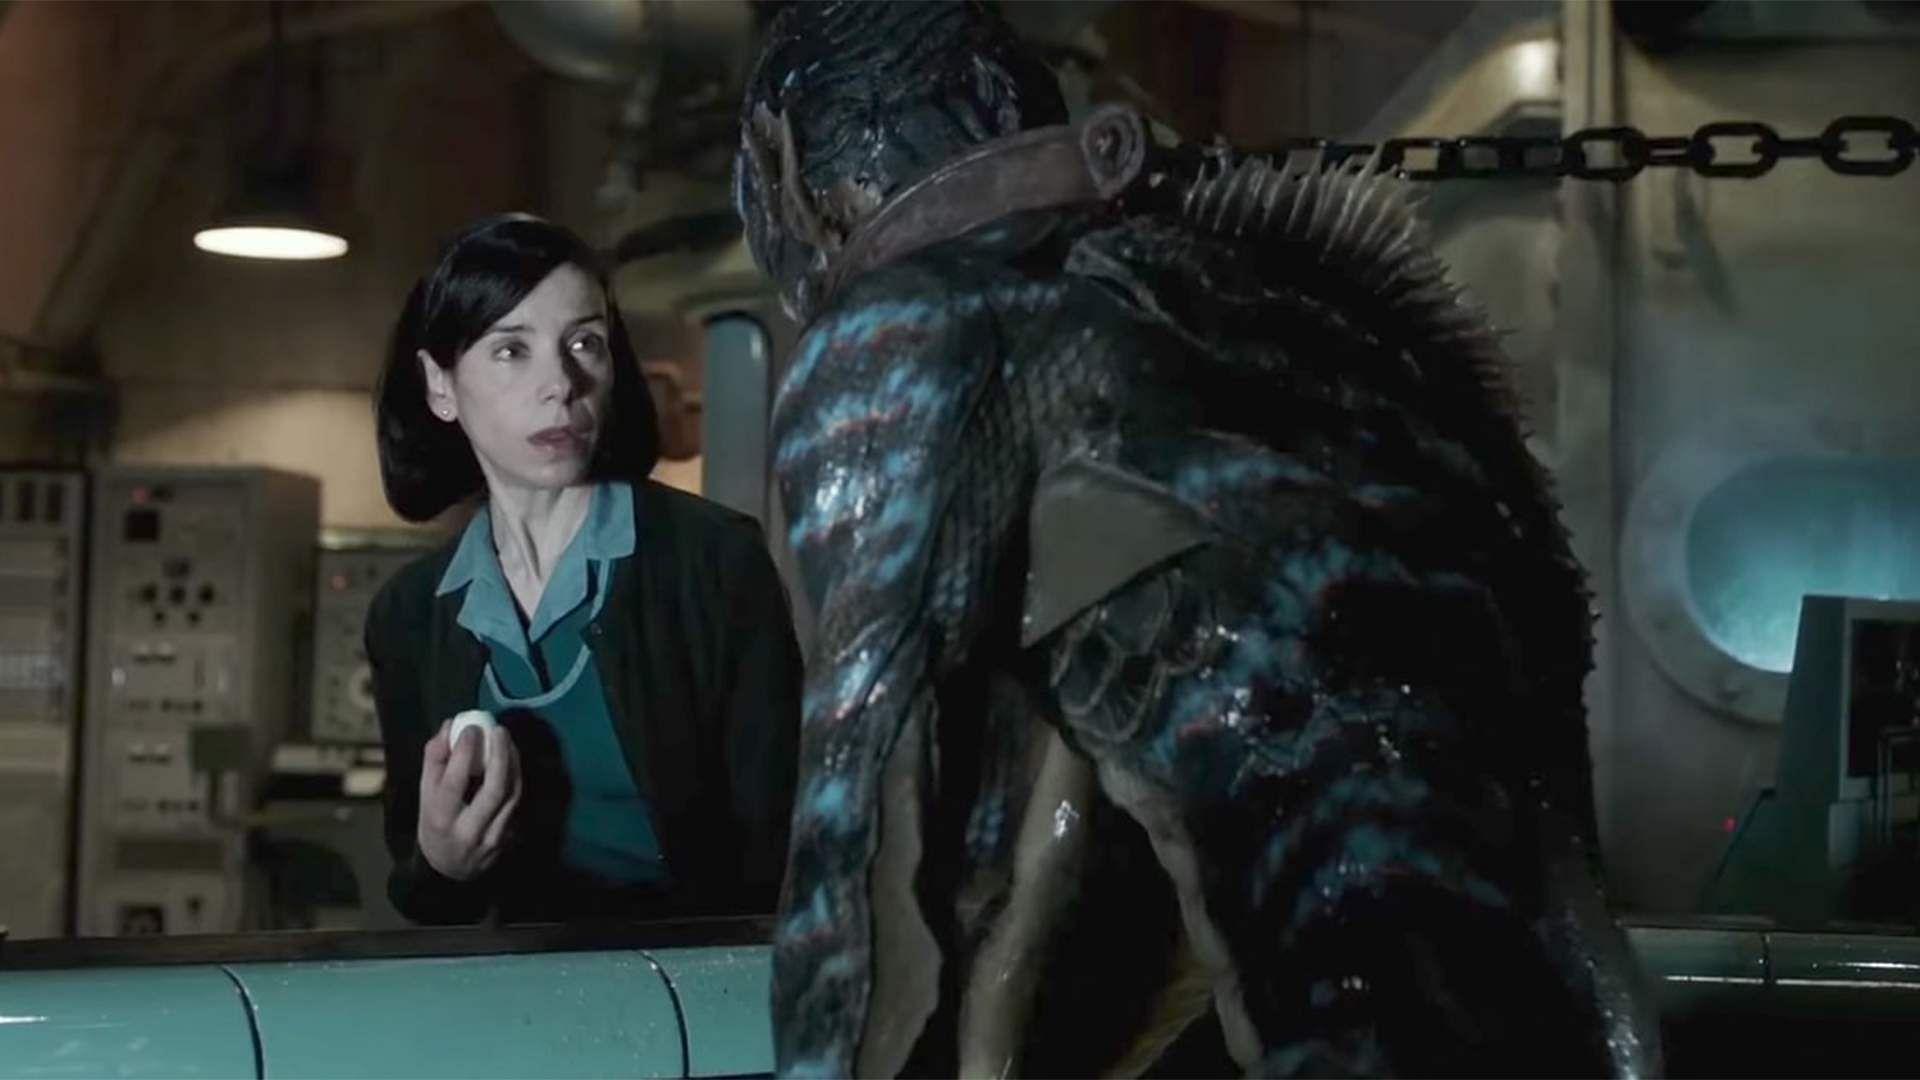 Oscar favourite Del Toro to head Venice film festival jury